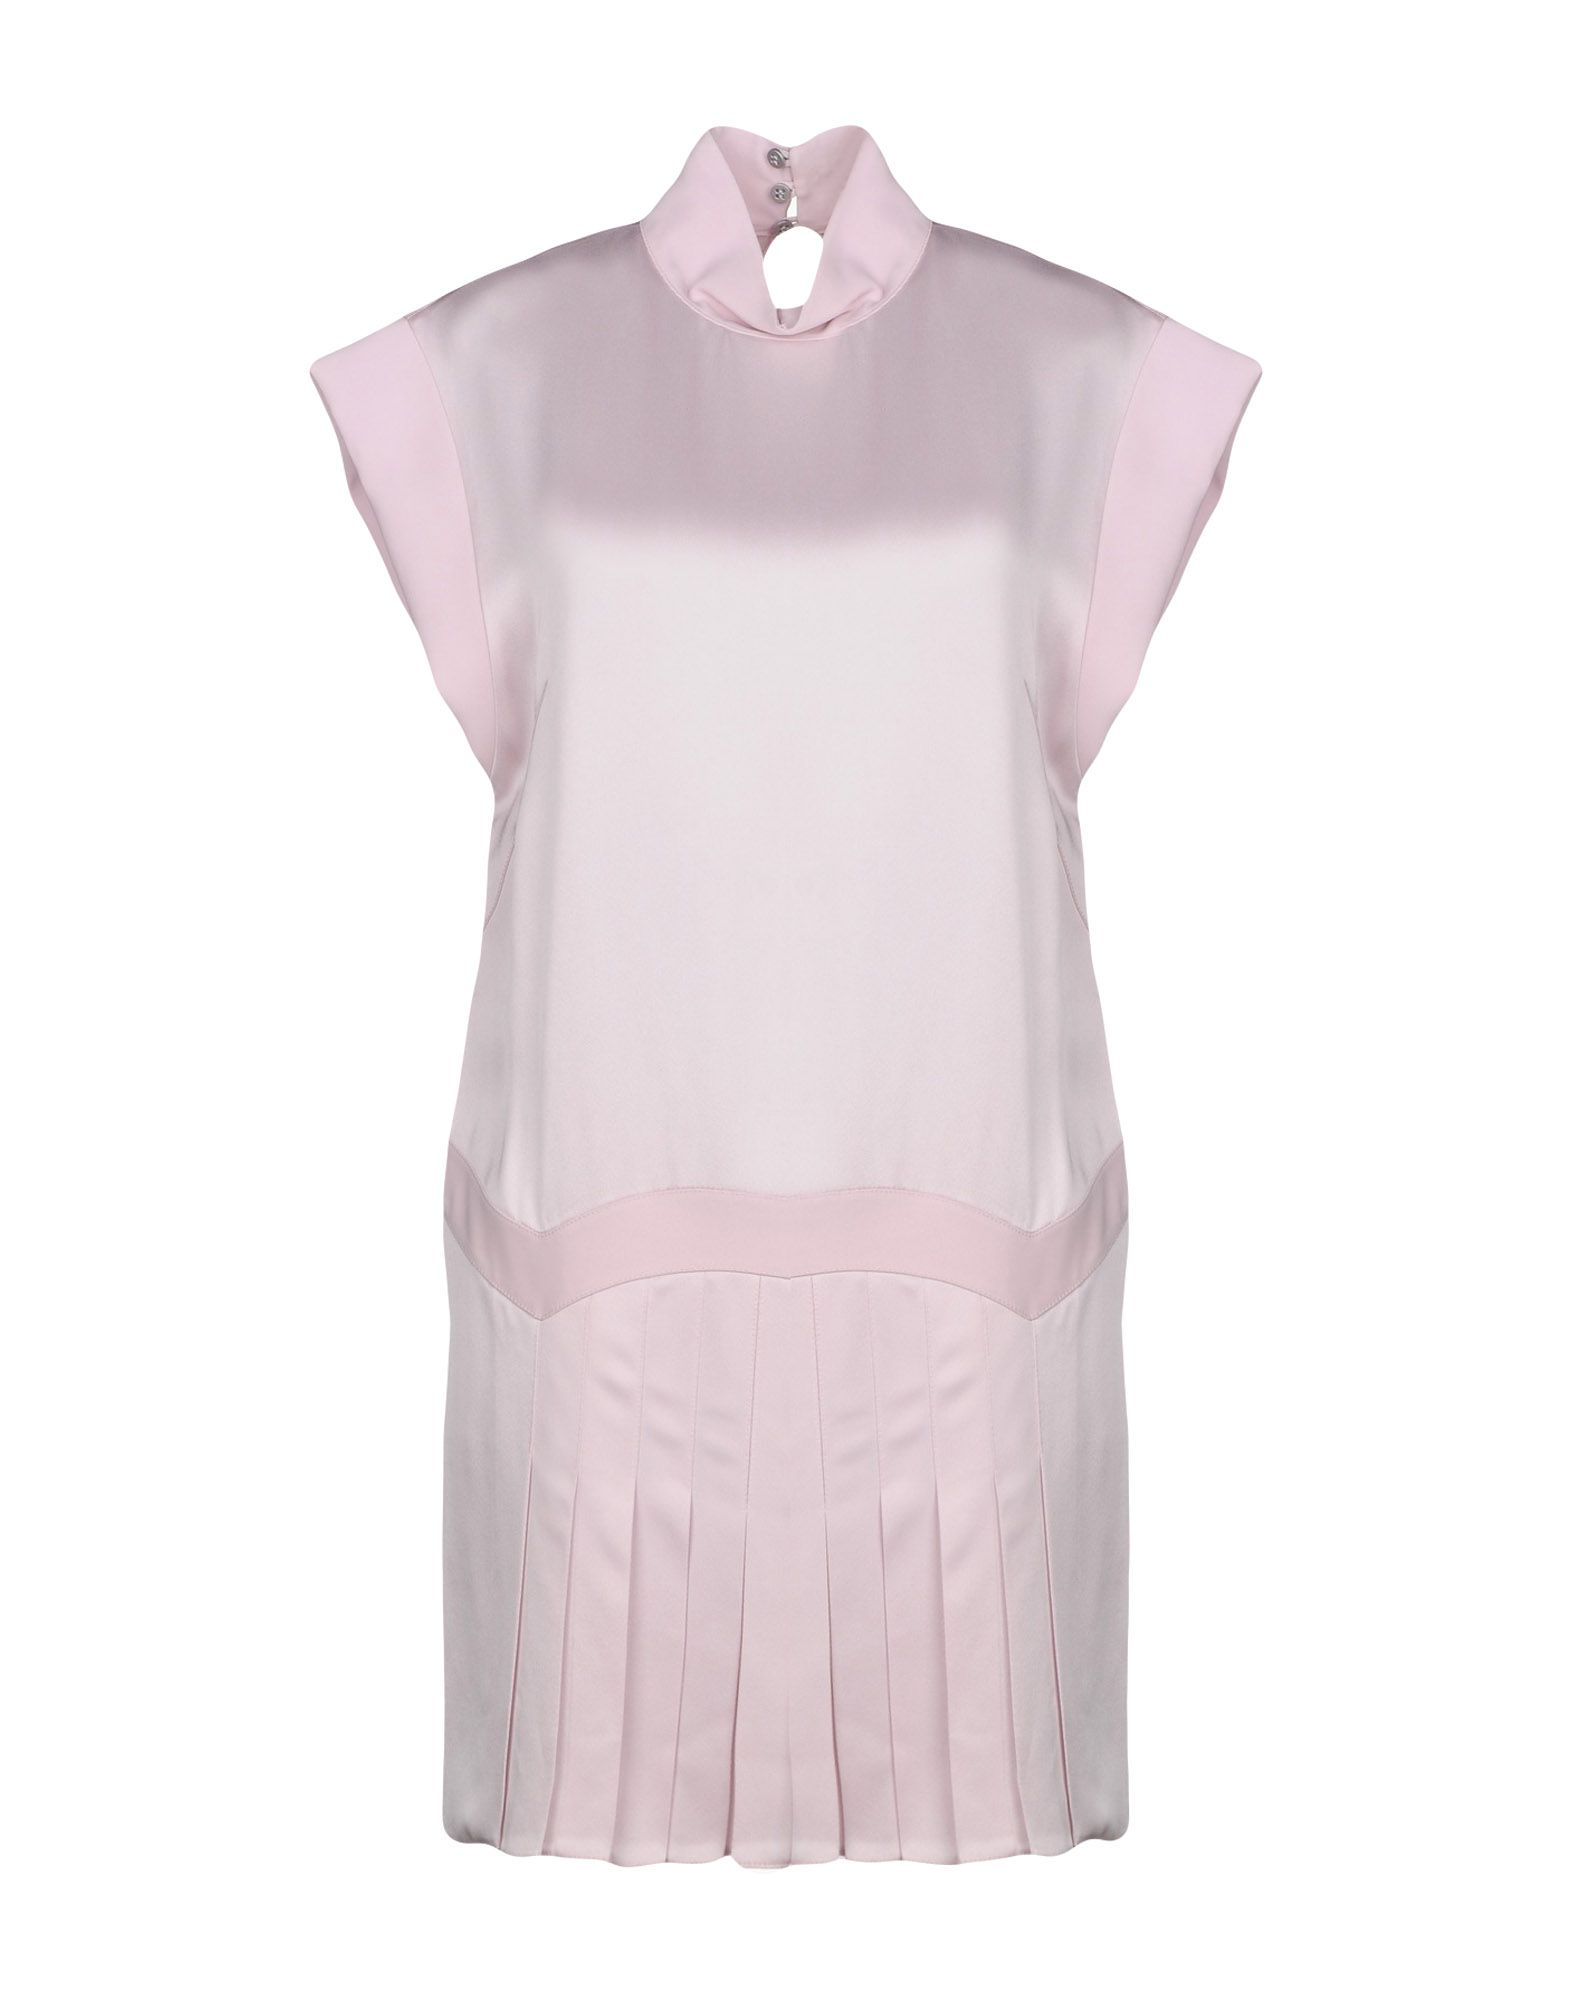 HAKAAN Short Dress in Pink